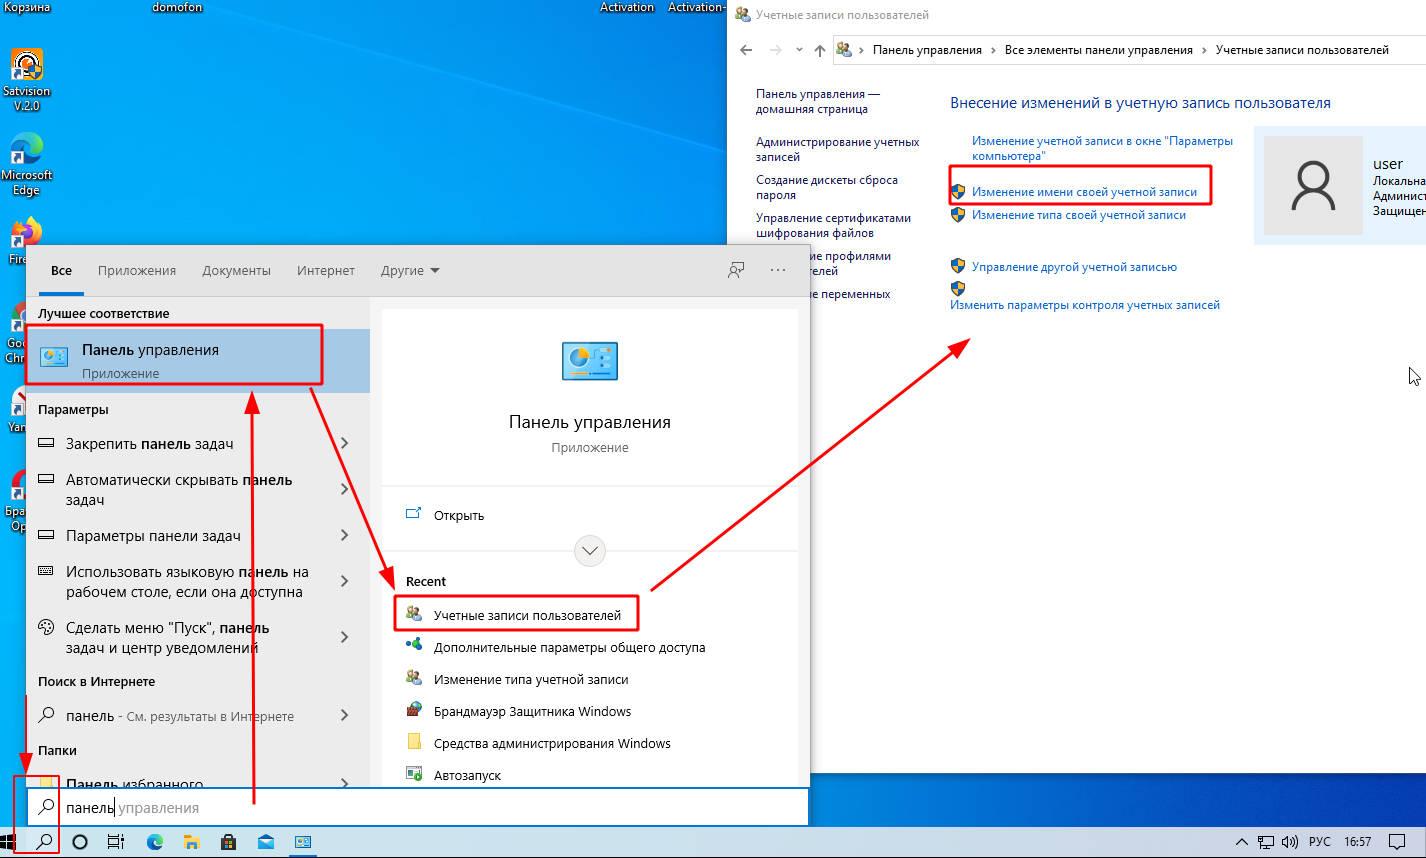 учетная запись через панель управления windows 10